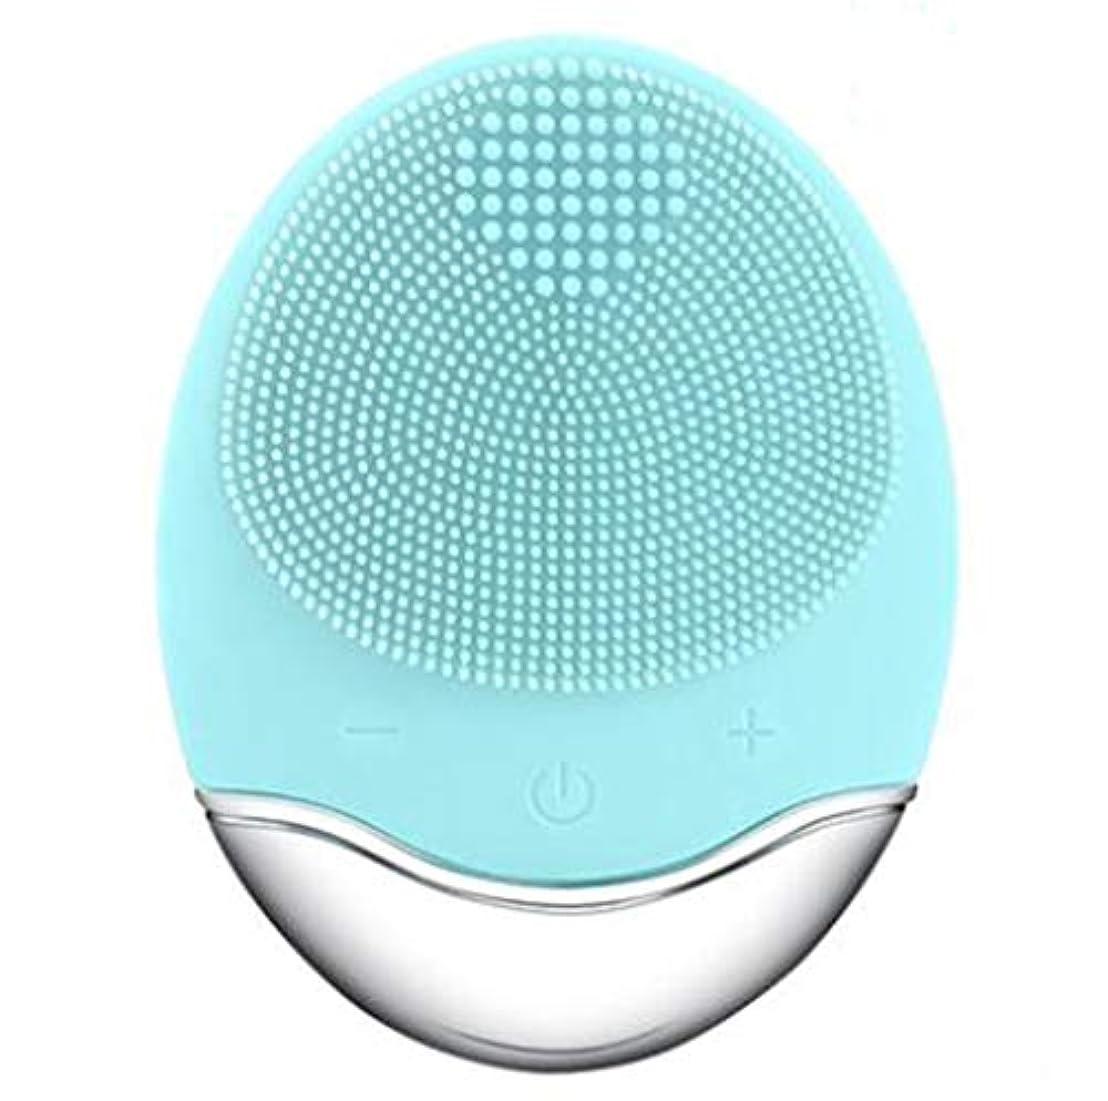 形成申し立て提唱するシリコーン電気クレンジング器具、洗顔毛穴クリーナーマッサージフェイス、イントロデューサー + クレンジング器具 (1 つ2個),Green